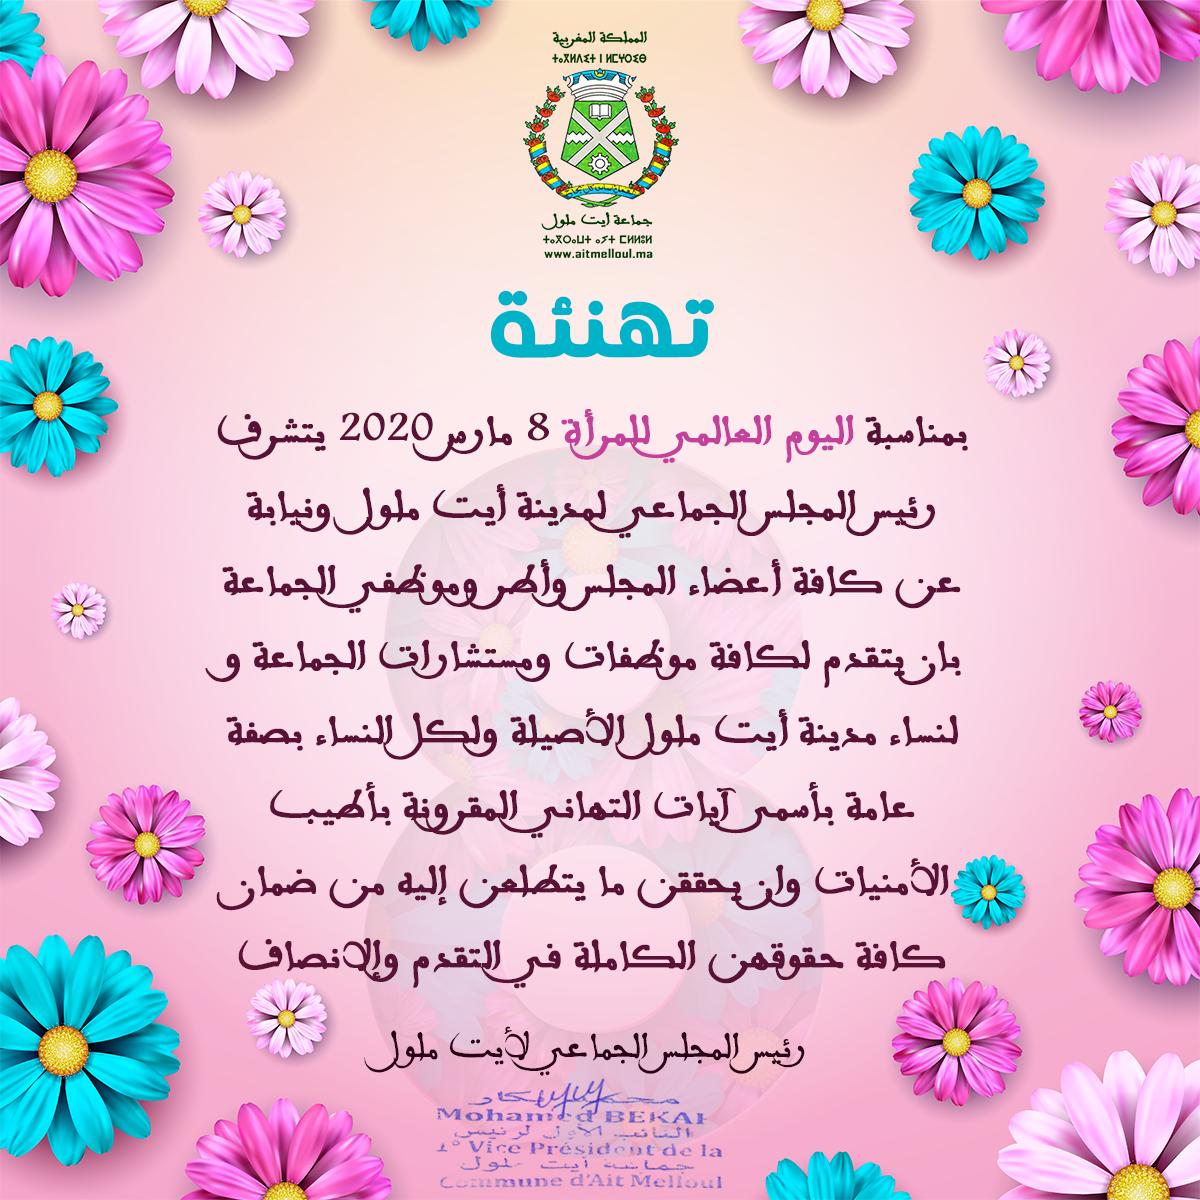 تهنئة بمناسبة اليوم العالمي للمرأة 8 مارس 2020